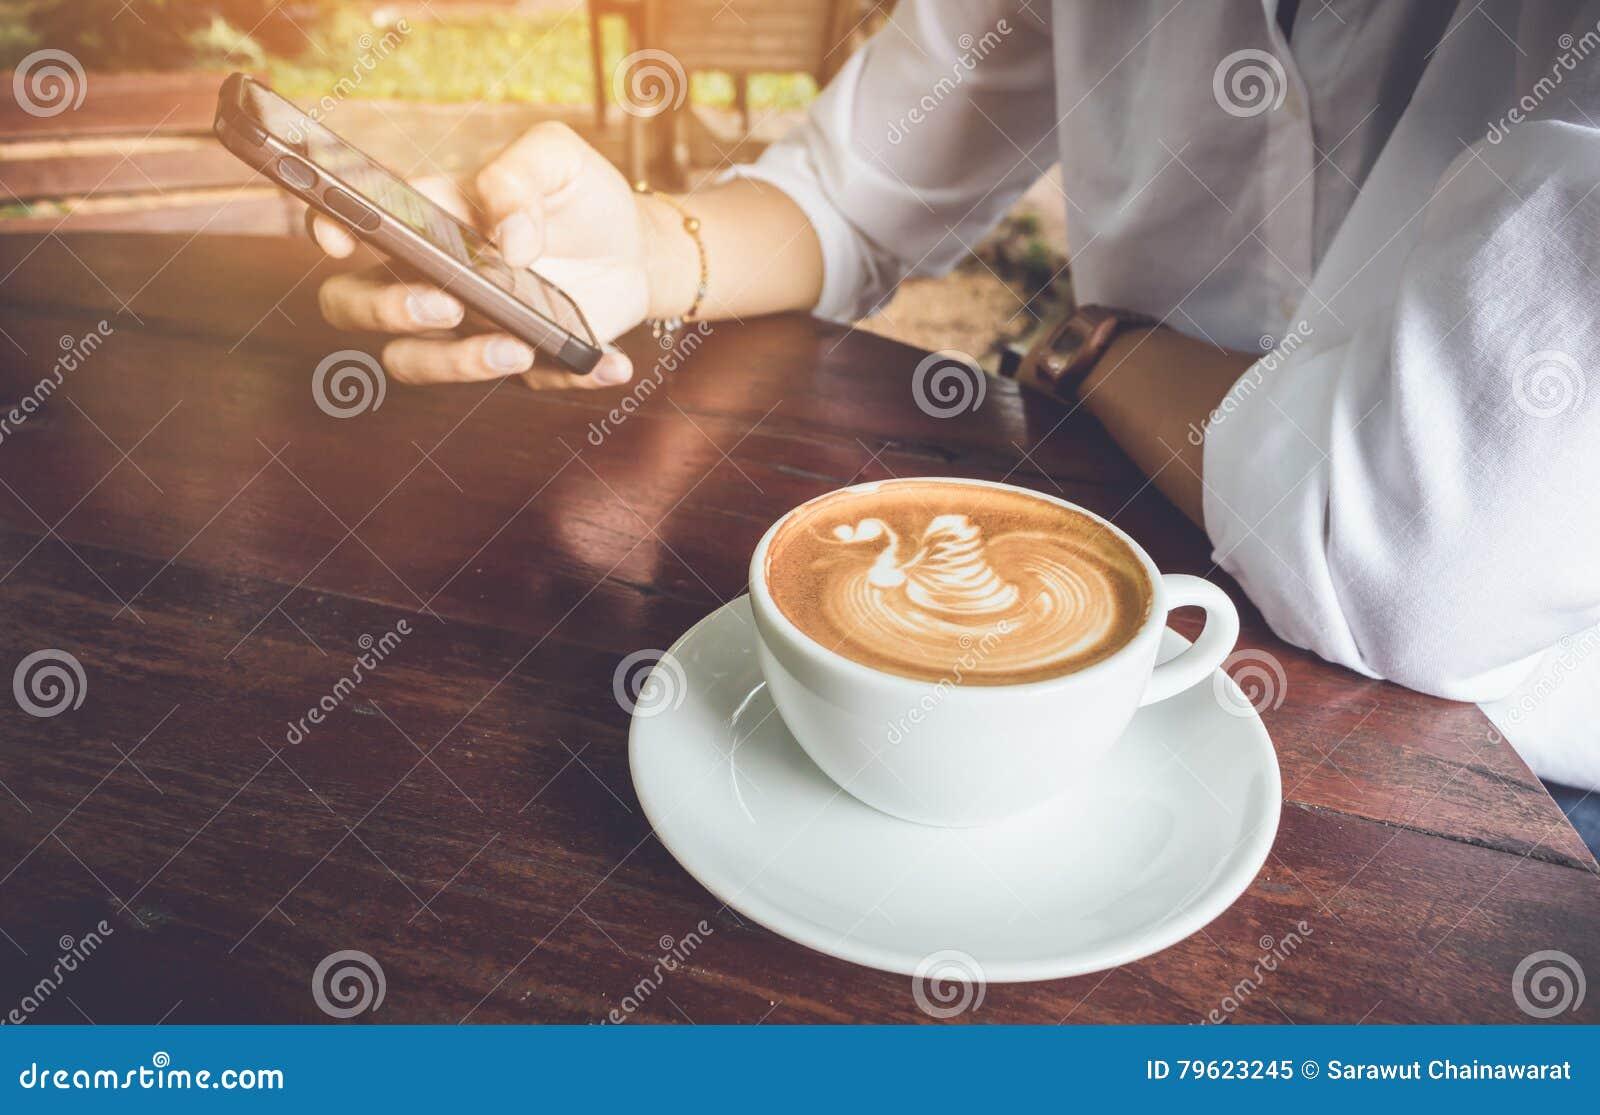 Telefone celular do uso da mulher com tom do vintage do copo de café